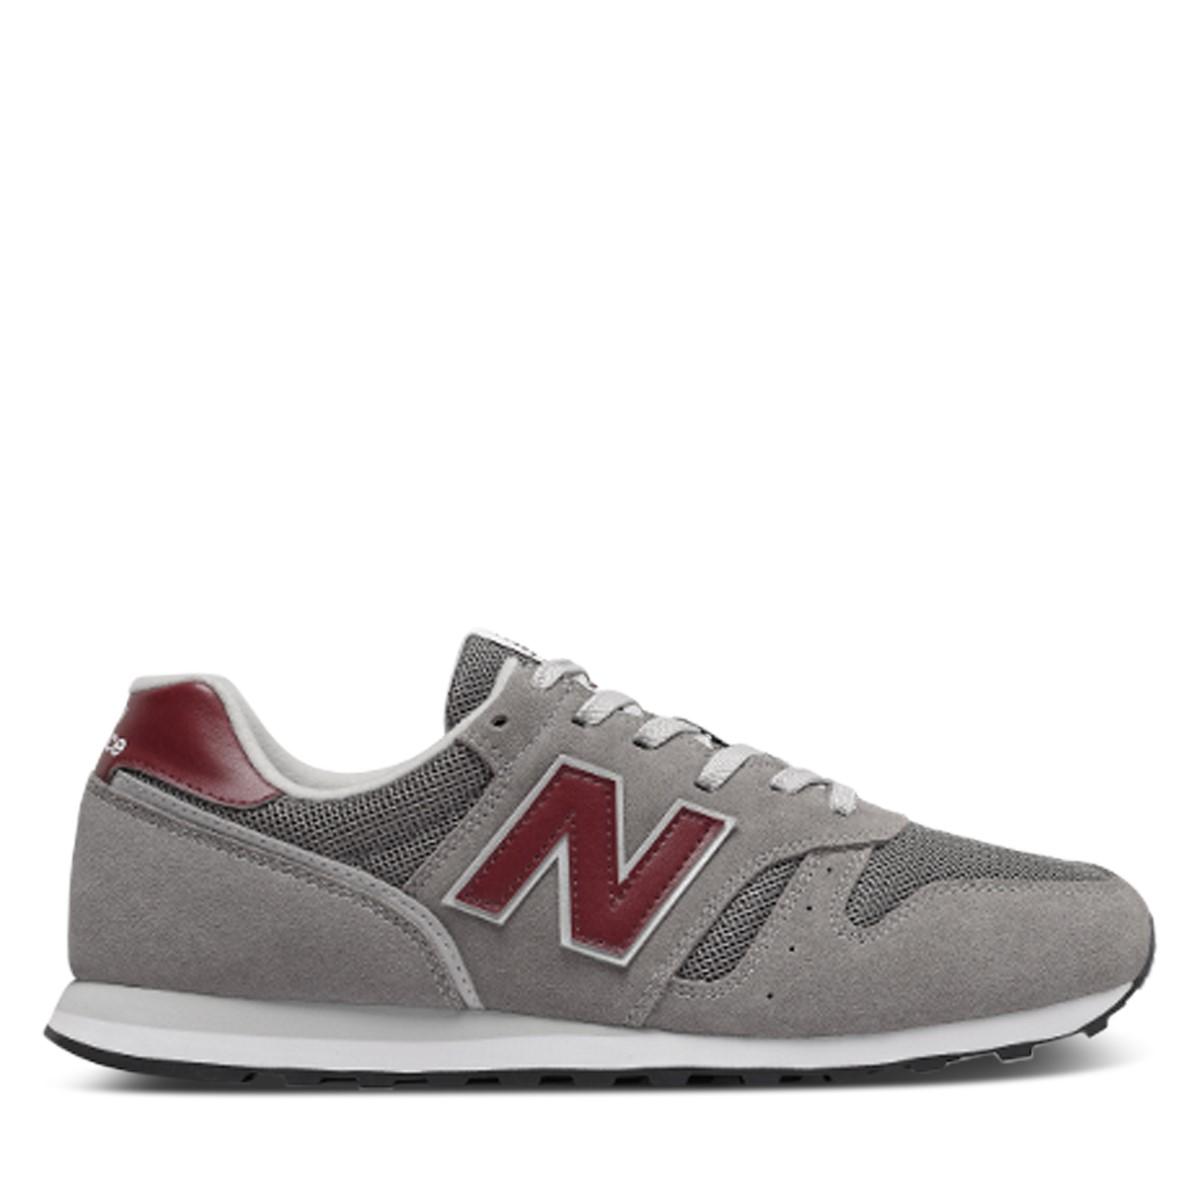 Men's 373 Sneakers in Grey